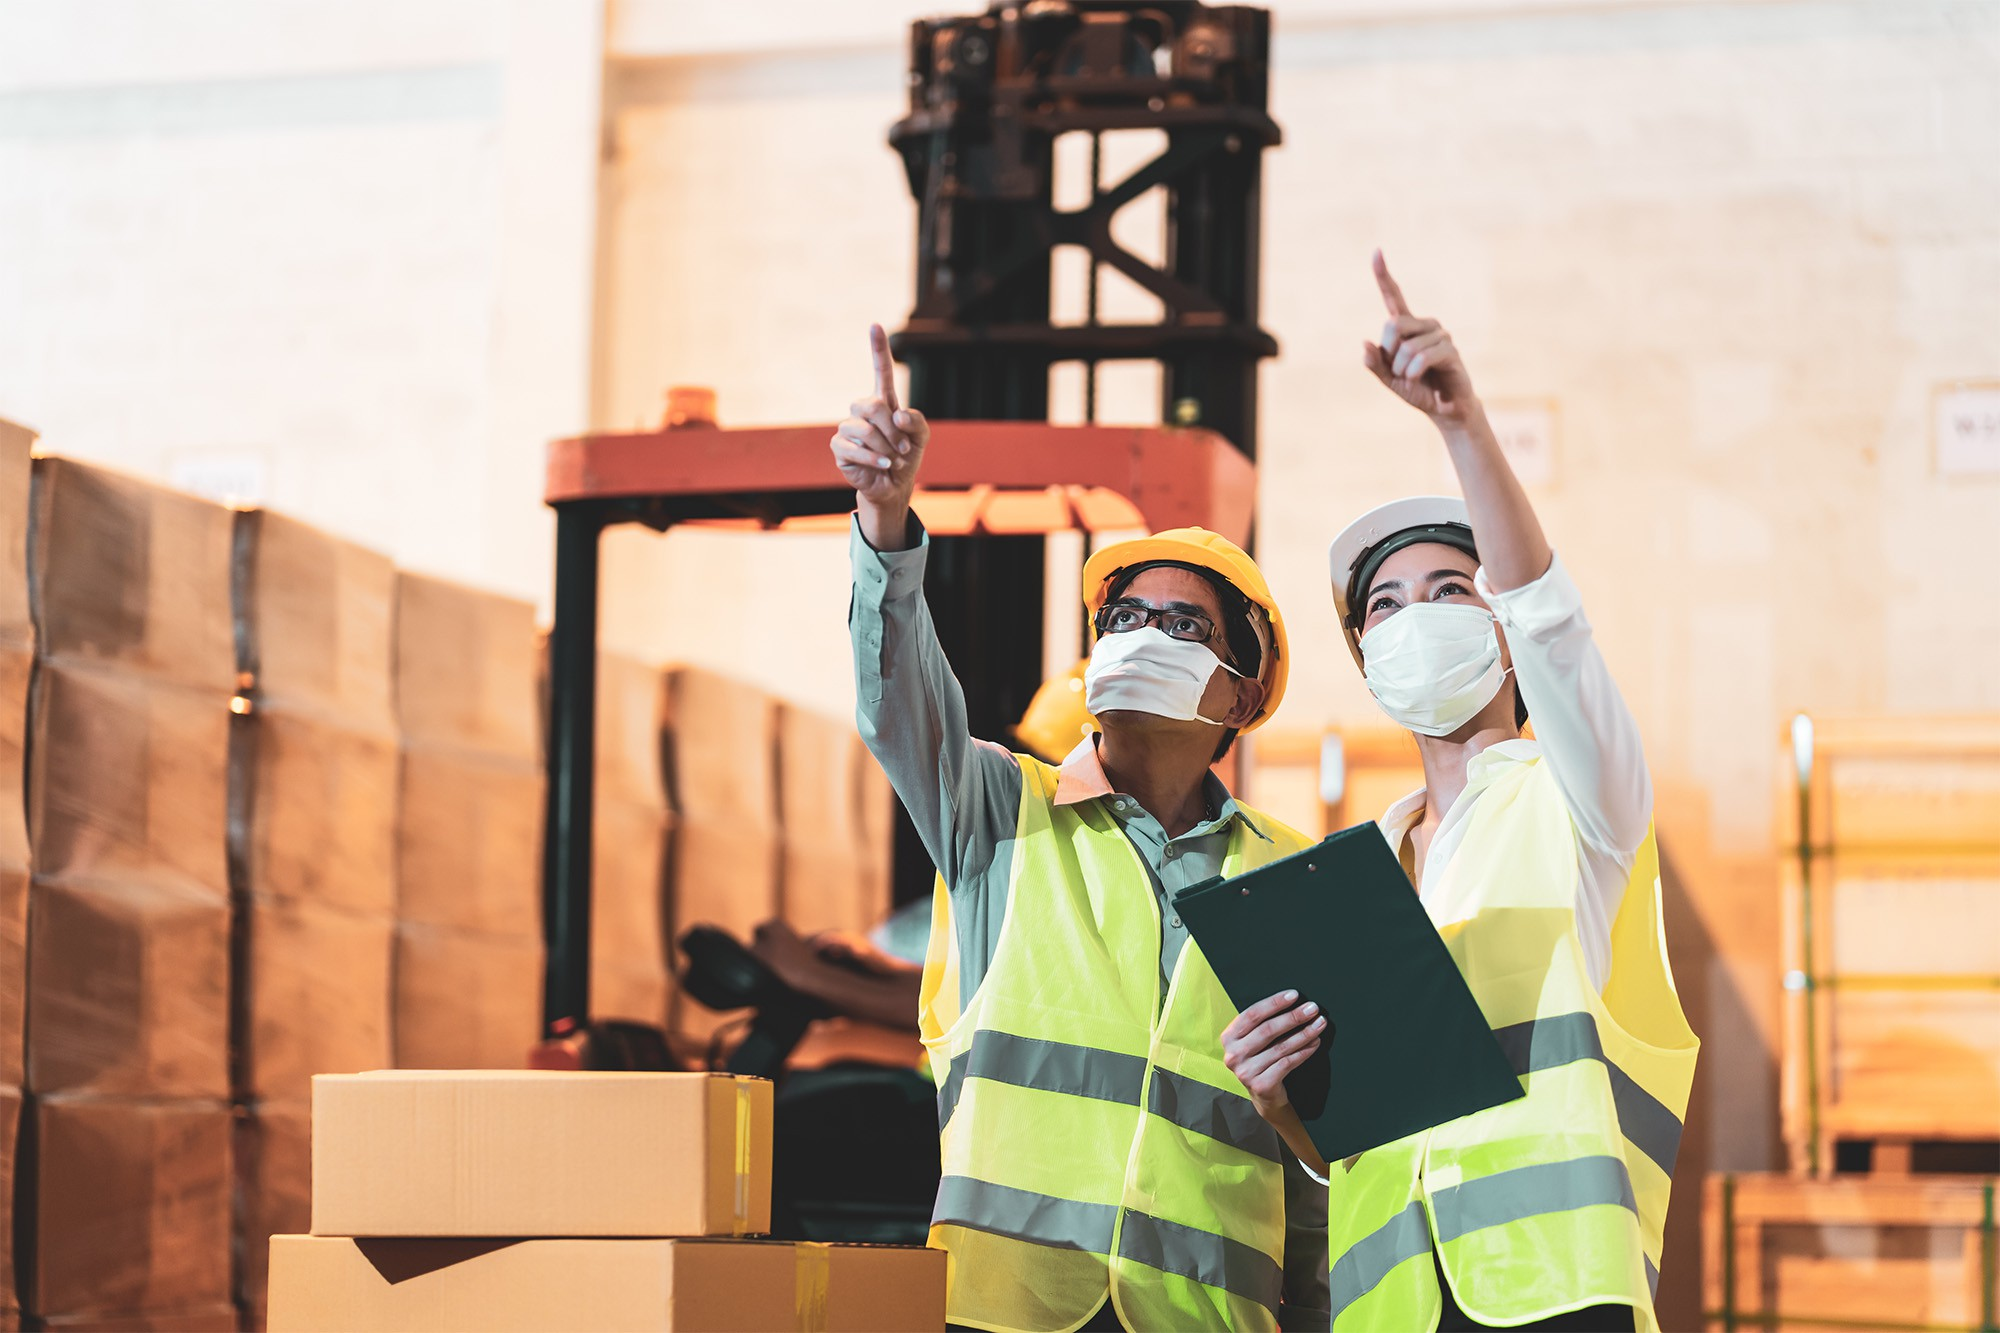 Kinh tế Việt Nam đang ở giai đoạn rất quan trọng để phục hồi, mở cửa chậm cái giá phải trả rất lớn